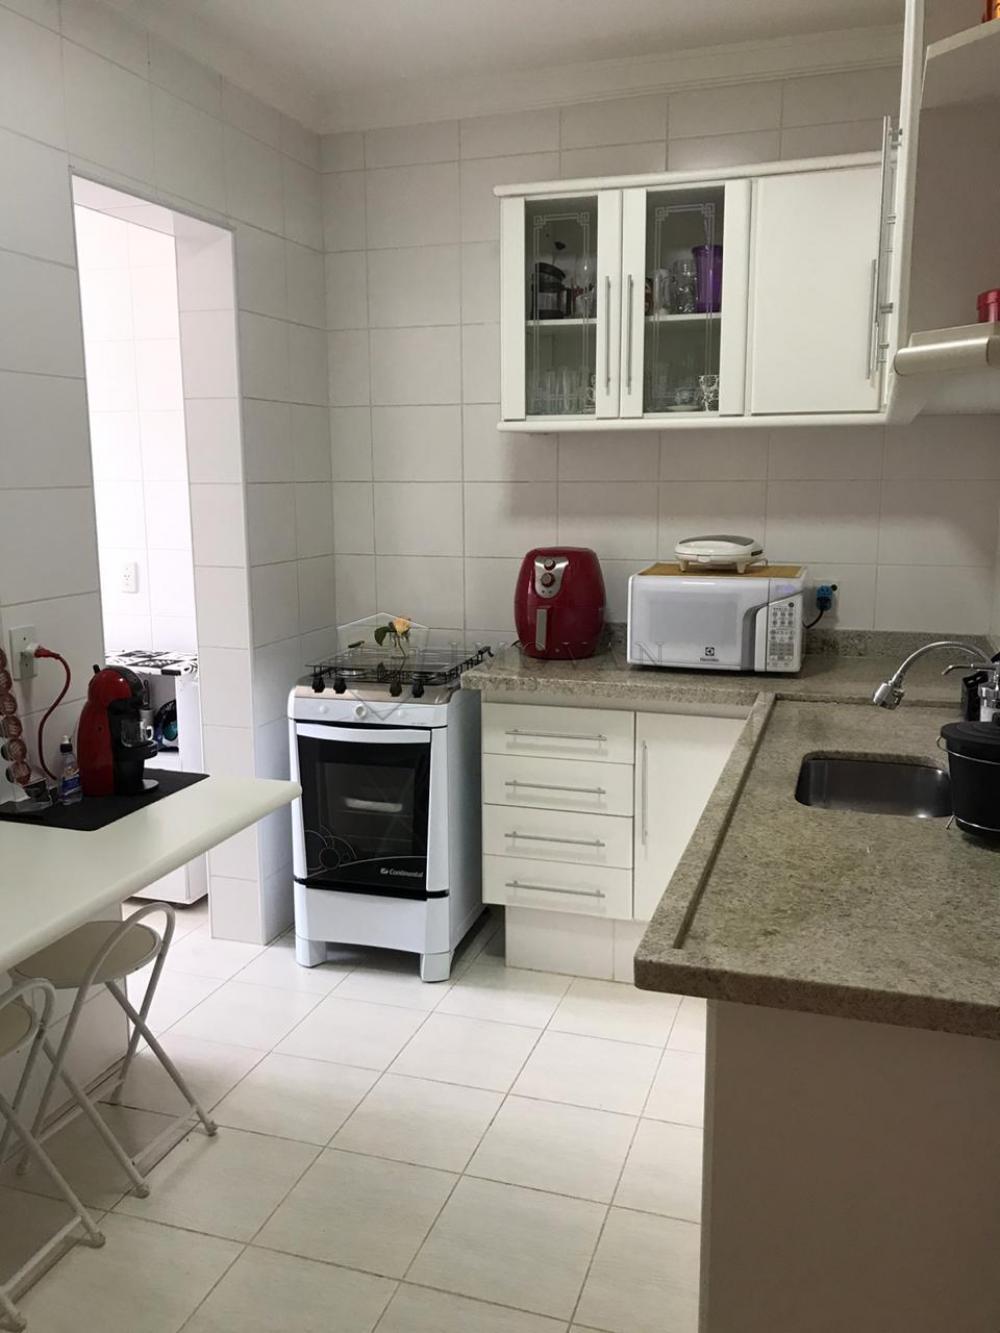 Comprar Apartamento / Padrão em Ribeirão Preto apenas R$ 320.000,00 - Foto 16